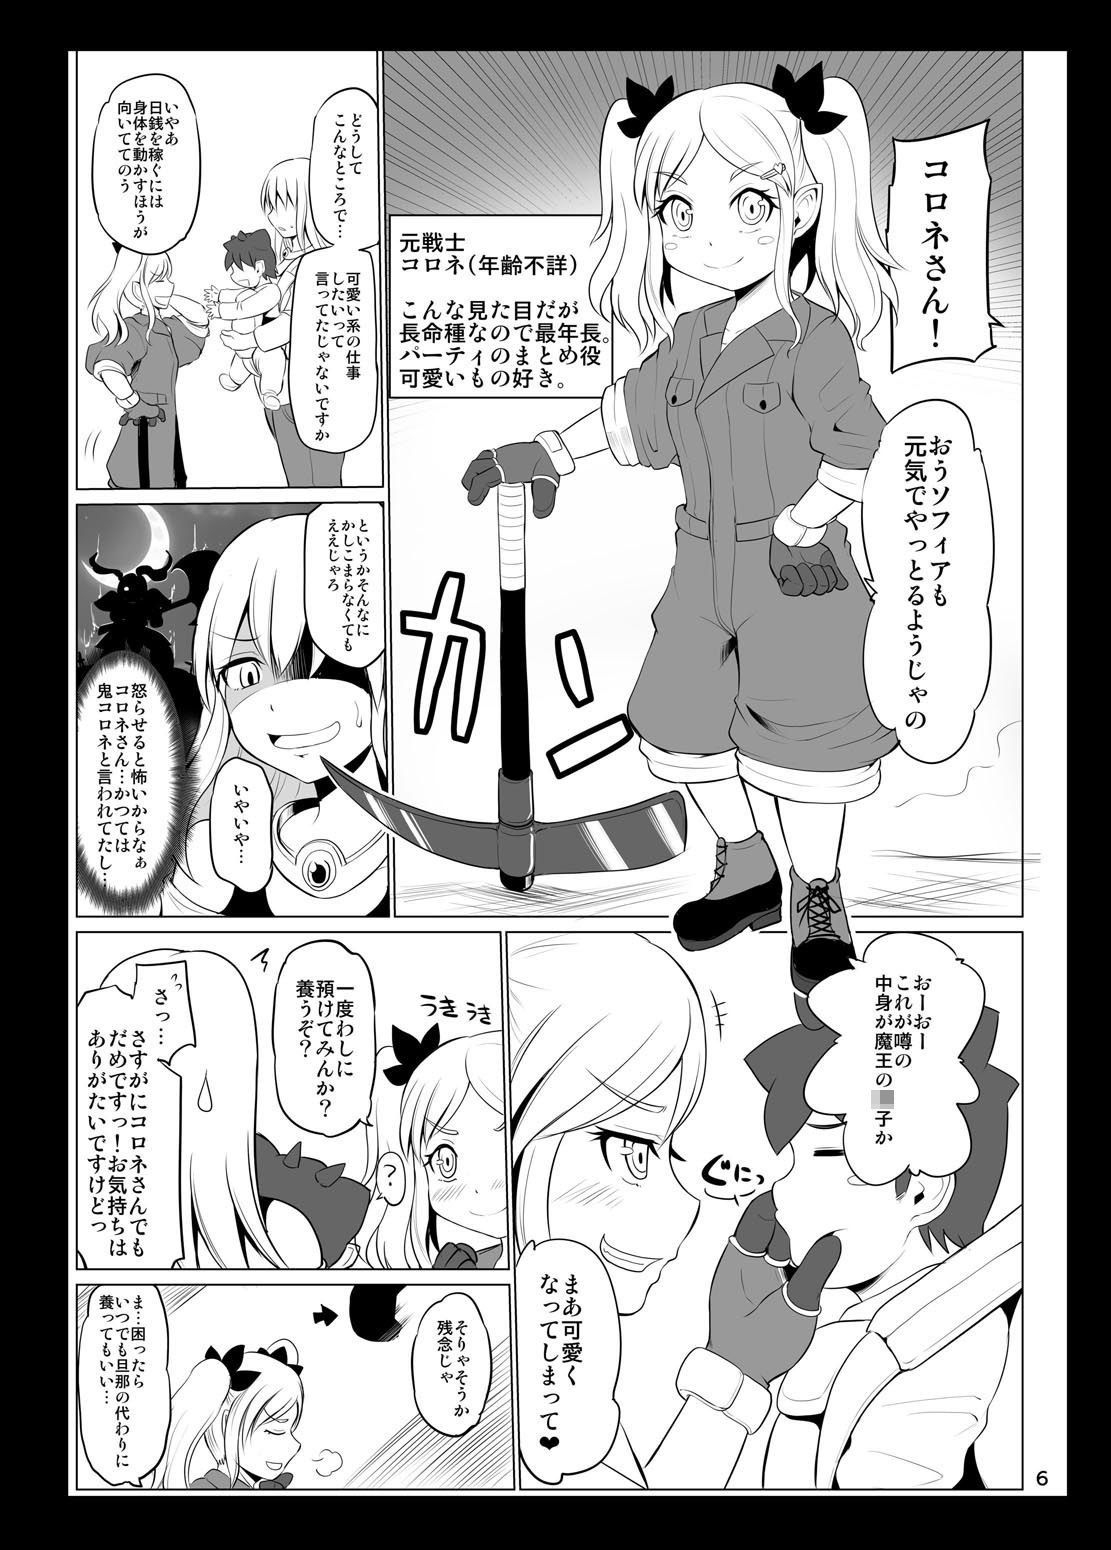 AVアニメなう [今すぐ読める同人サンプル] 「ママさん勇者と赤ちゃん魔王2」(ほしまきPro...